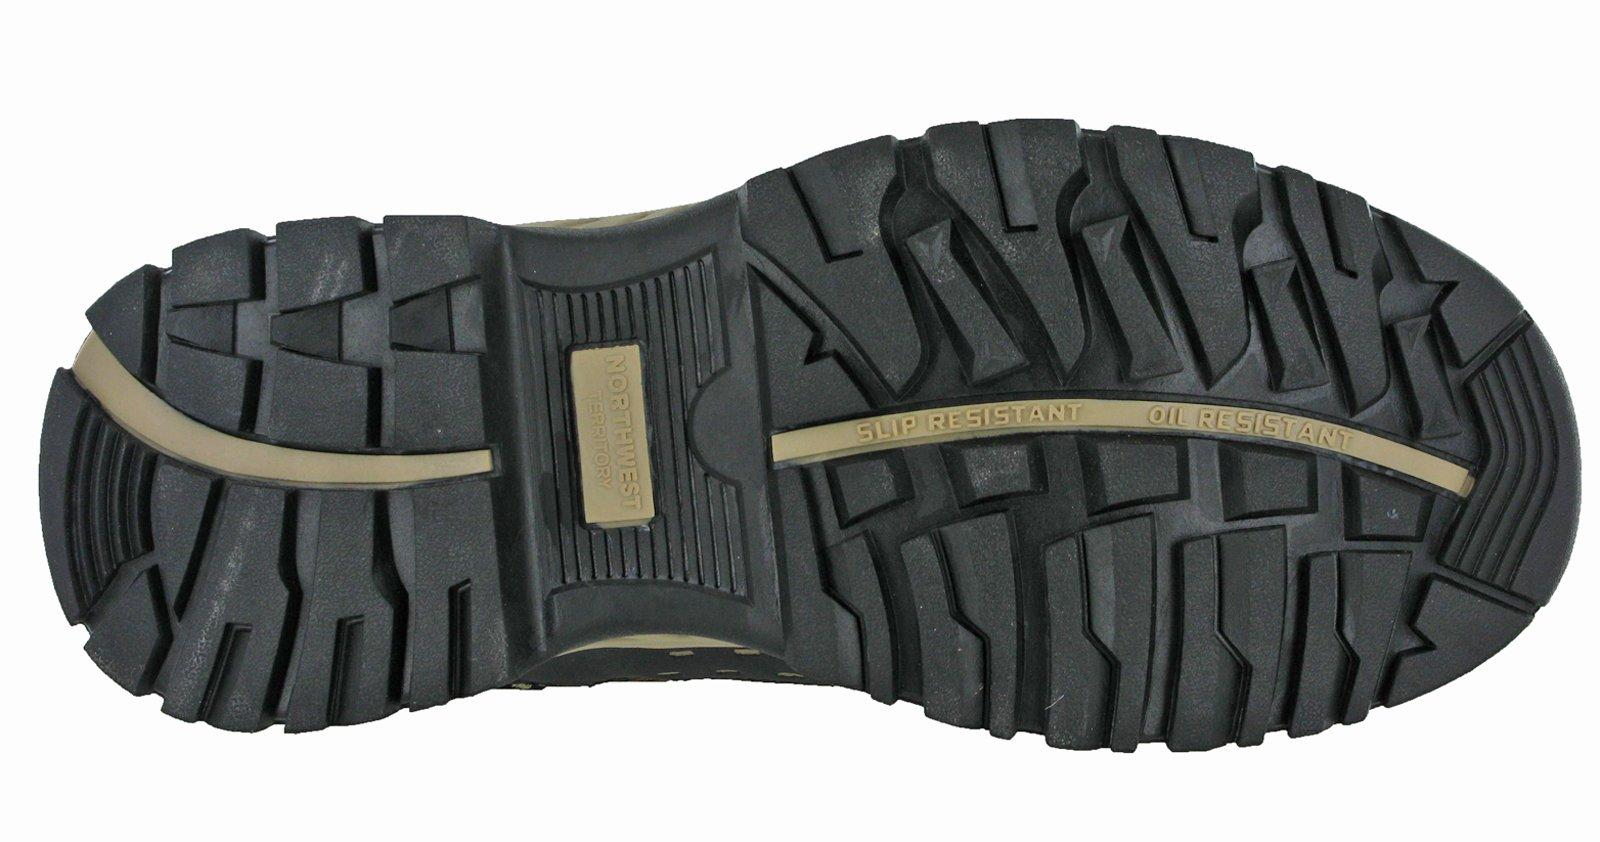 Northwest Mens Piers Hi Cut Brown/Beige Ankle Walking Boots 7